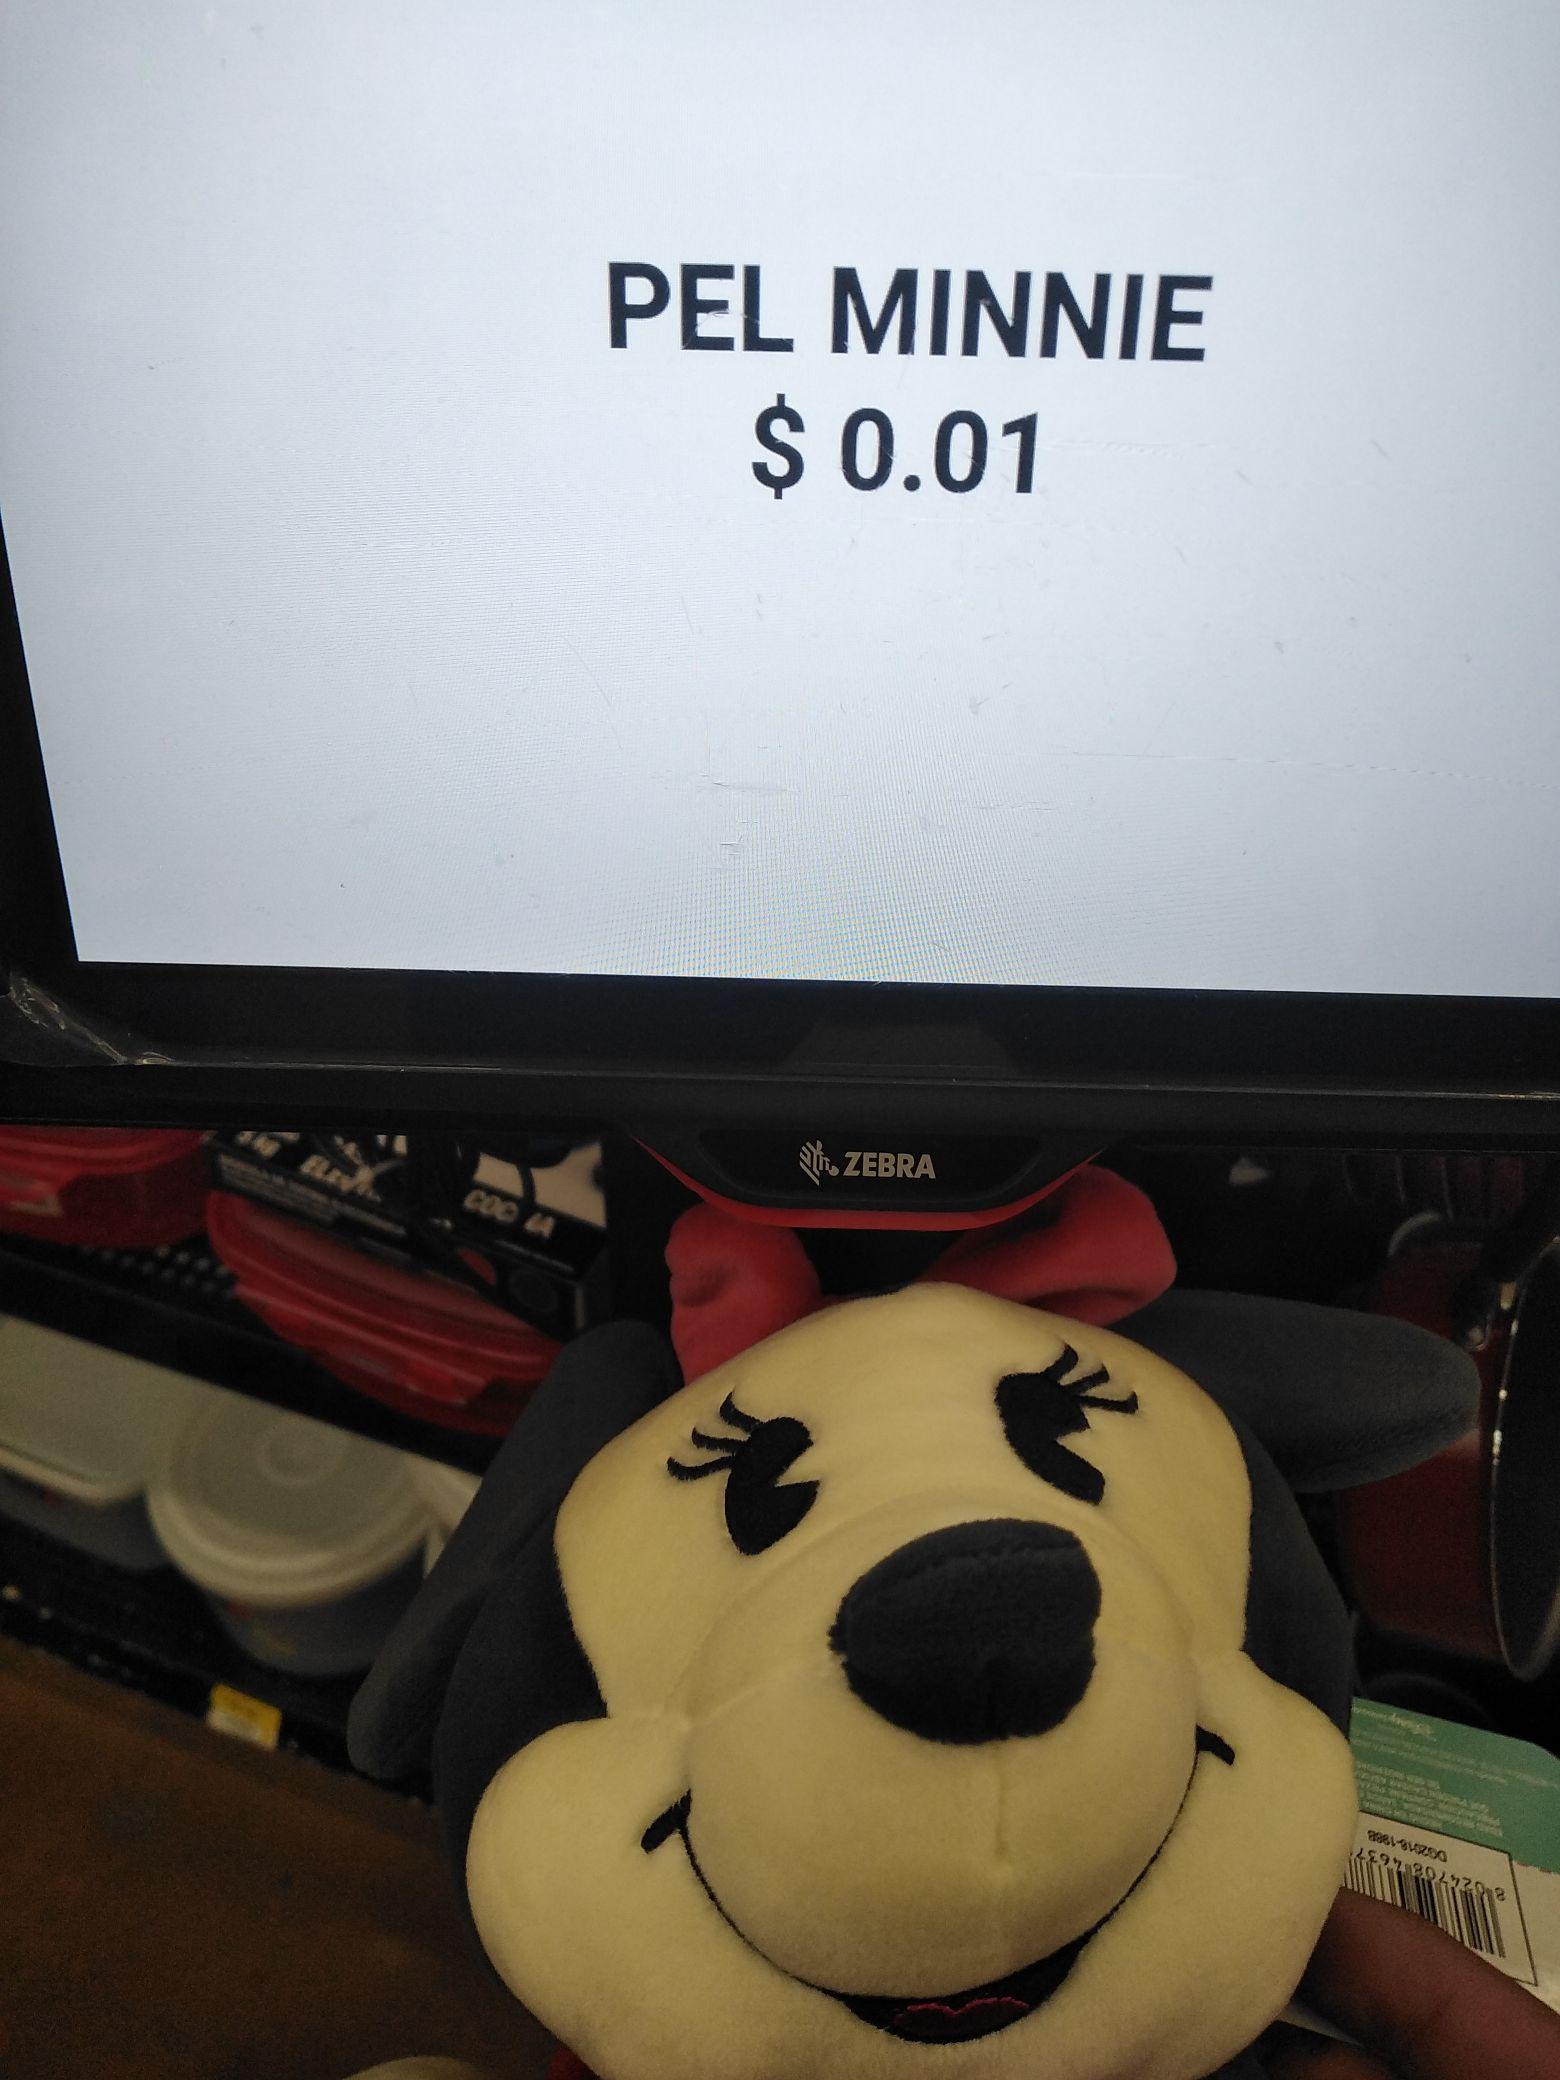 Peluche minnie mouse, Walmart, Monterrey.